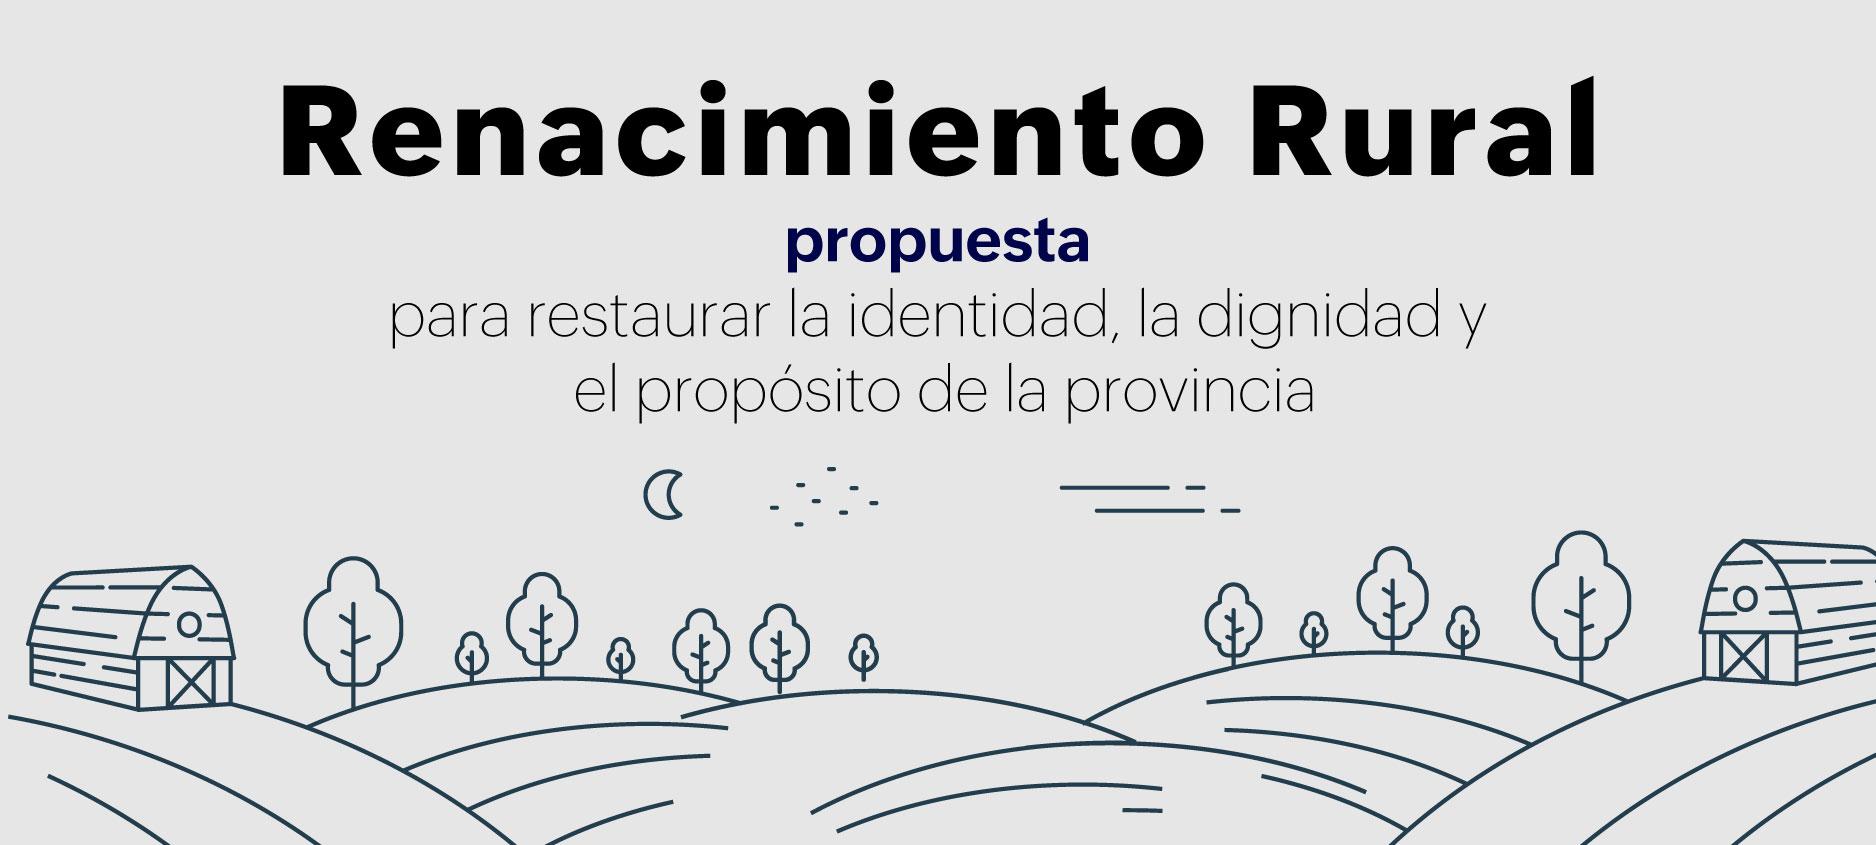 Renacimiento rural: propuesta  para restaurar la identidad, la dignidad y el propósito de la provincia